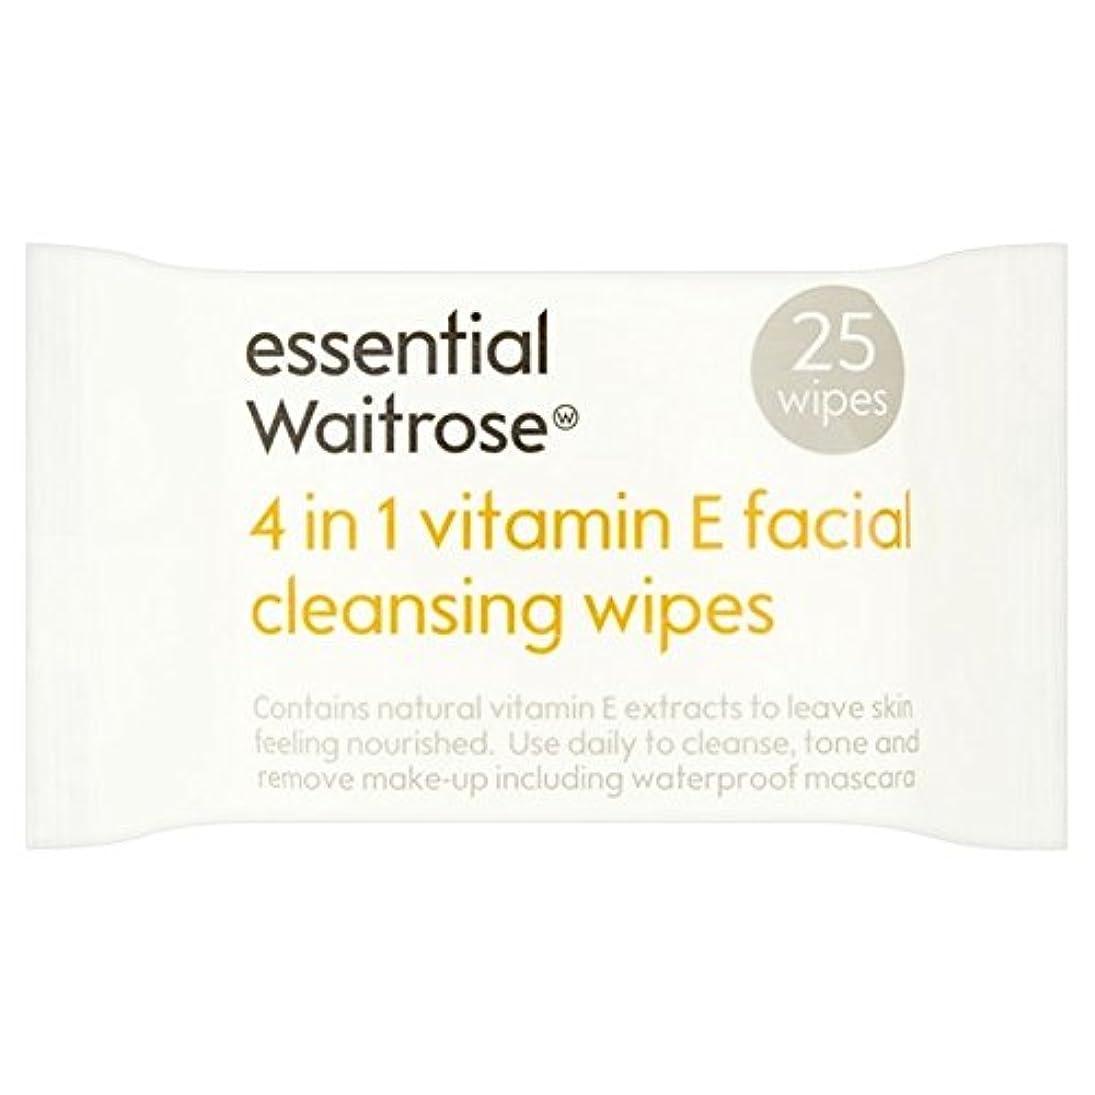 熟読する割る平和なEssential 4 in 1 Cleansing Wipes Vitamin E Waitrose 25 per pack (Pack of 6) - 1つのクレンジングで4不可欠パックあたりのビタミンウェイトローズ...